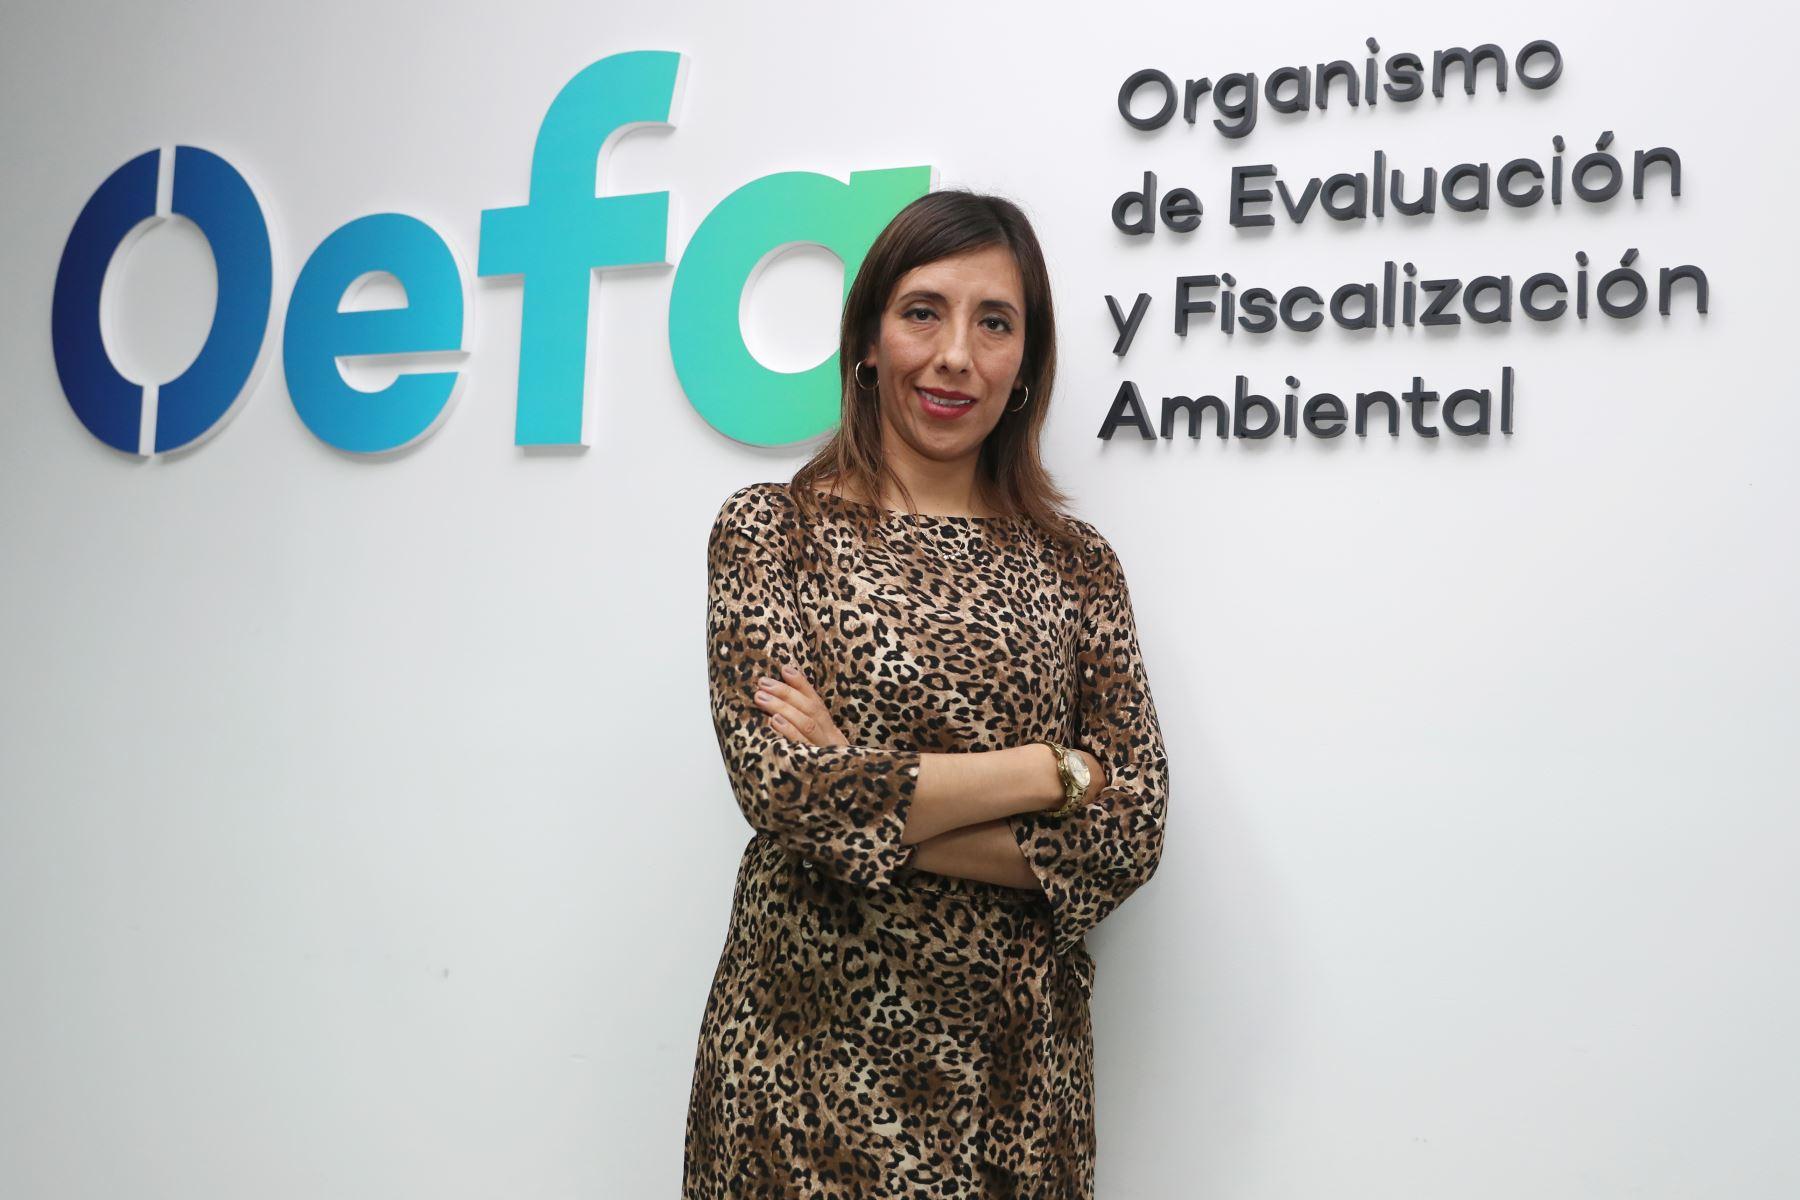 Gerente general de OEFA, Miriam Alegría Rojas, asegura que el equipo de fiscalizadores de la institución es de primera. ANDINA/Melina Mejía